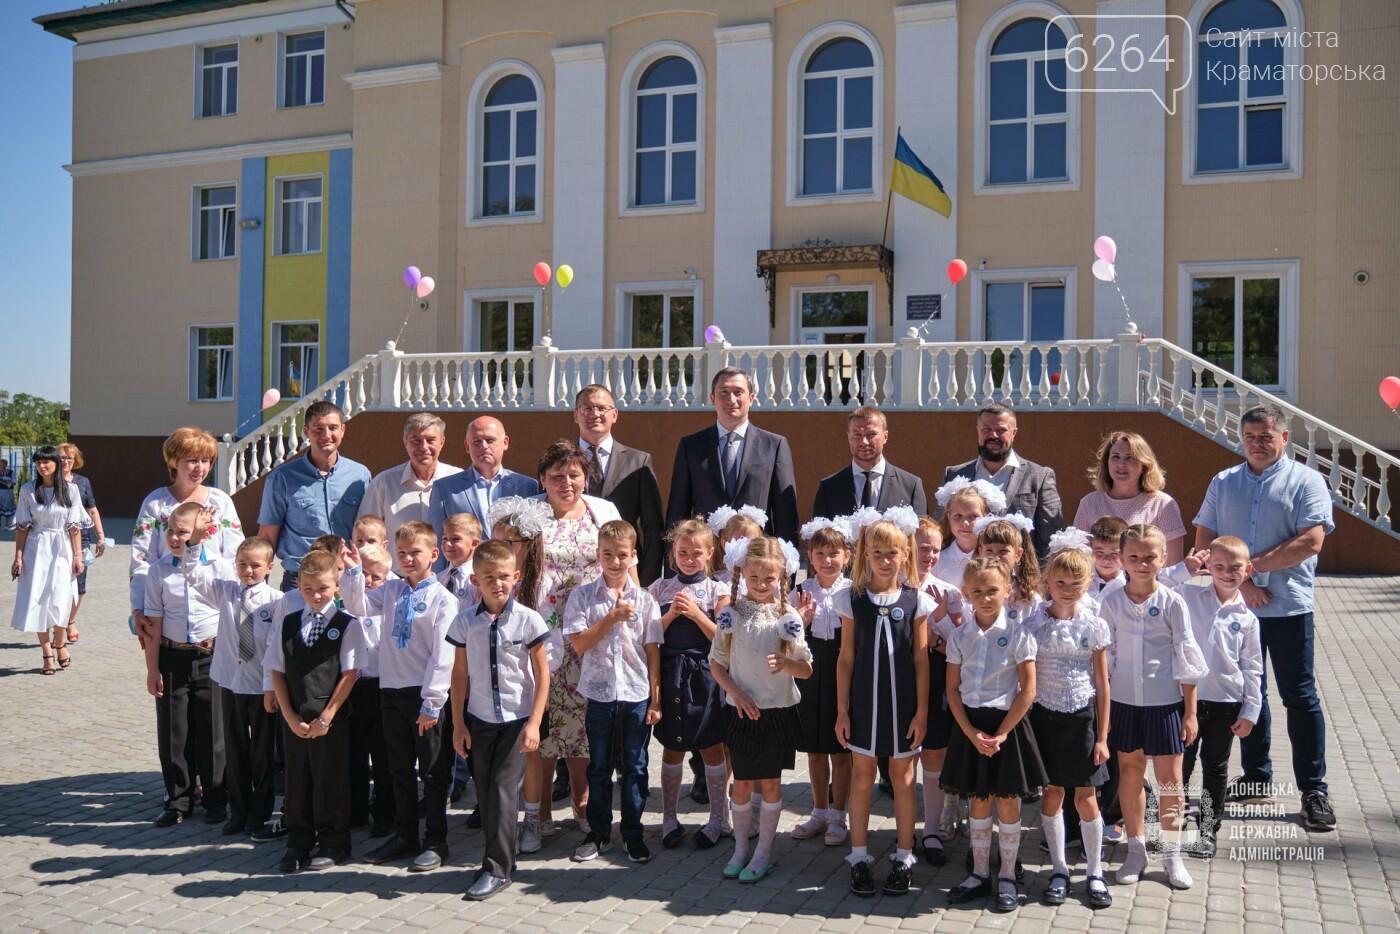 К 1 сентября в Донецкой области открыли после реконструкции 5 школ и 3 детских садика, фото-2